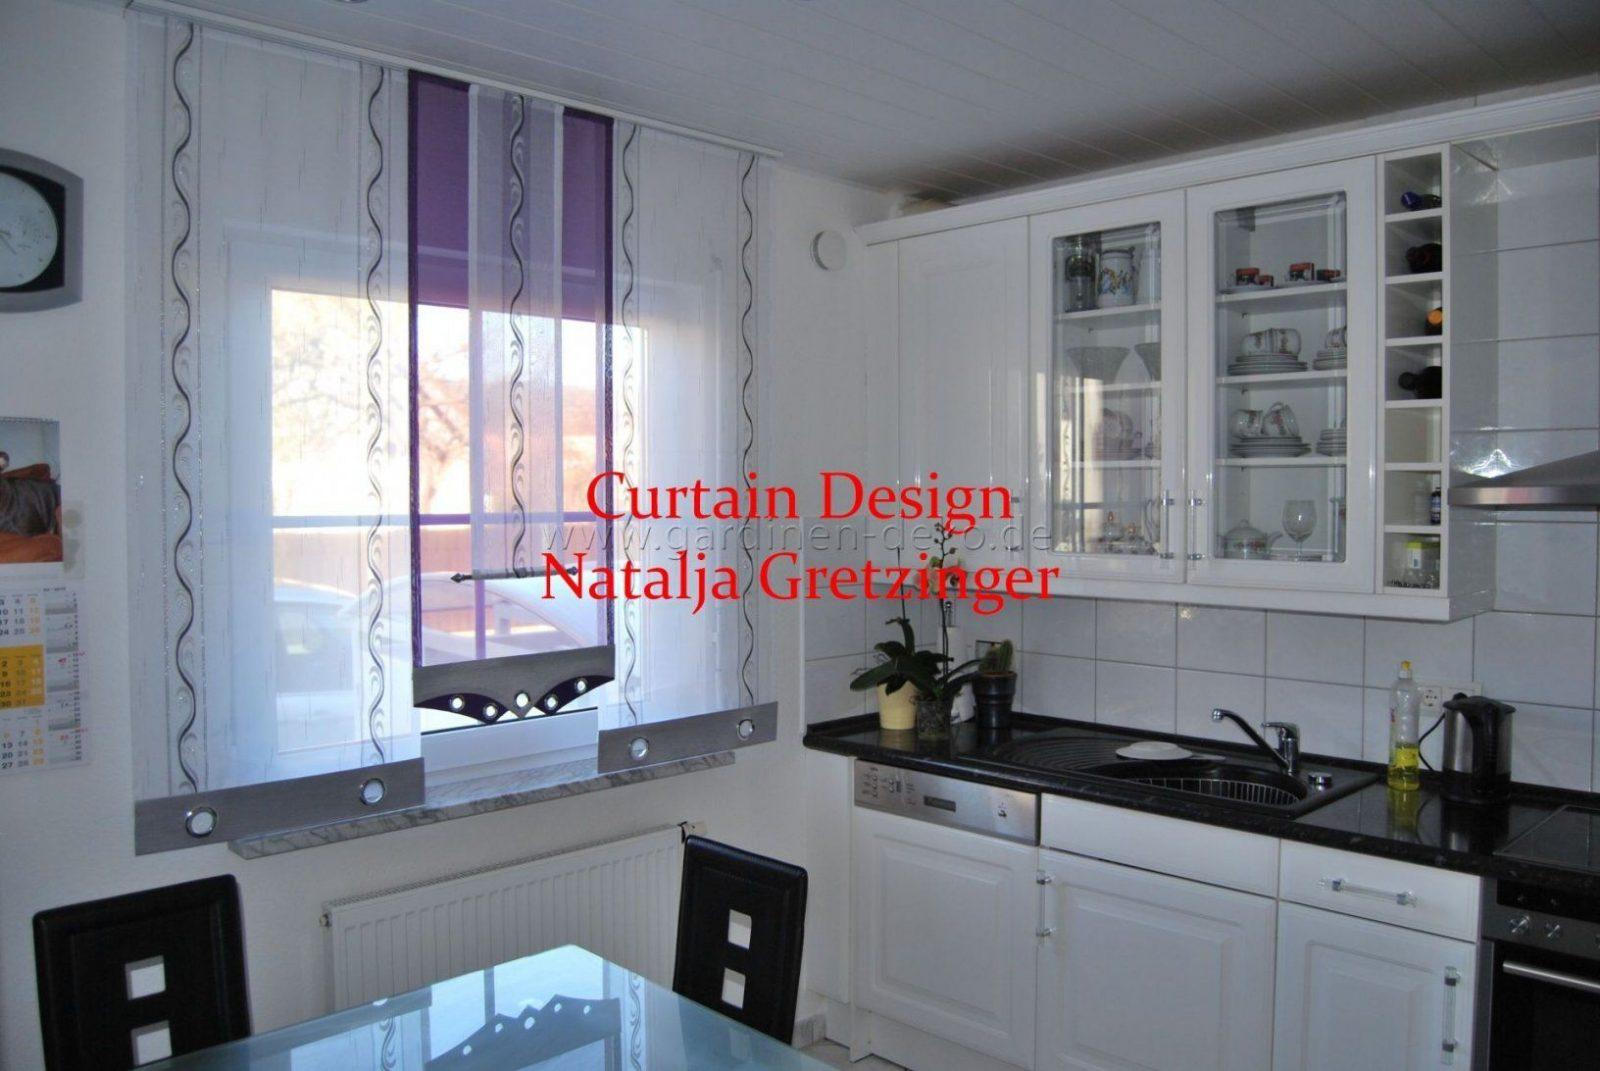 Weißgrauer Schiebevorhang Mit Mittelteil In Lila  Httpwww von Gardinen Lila Weiß Photo